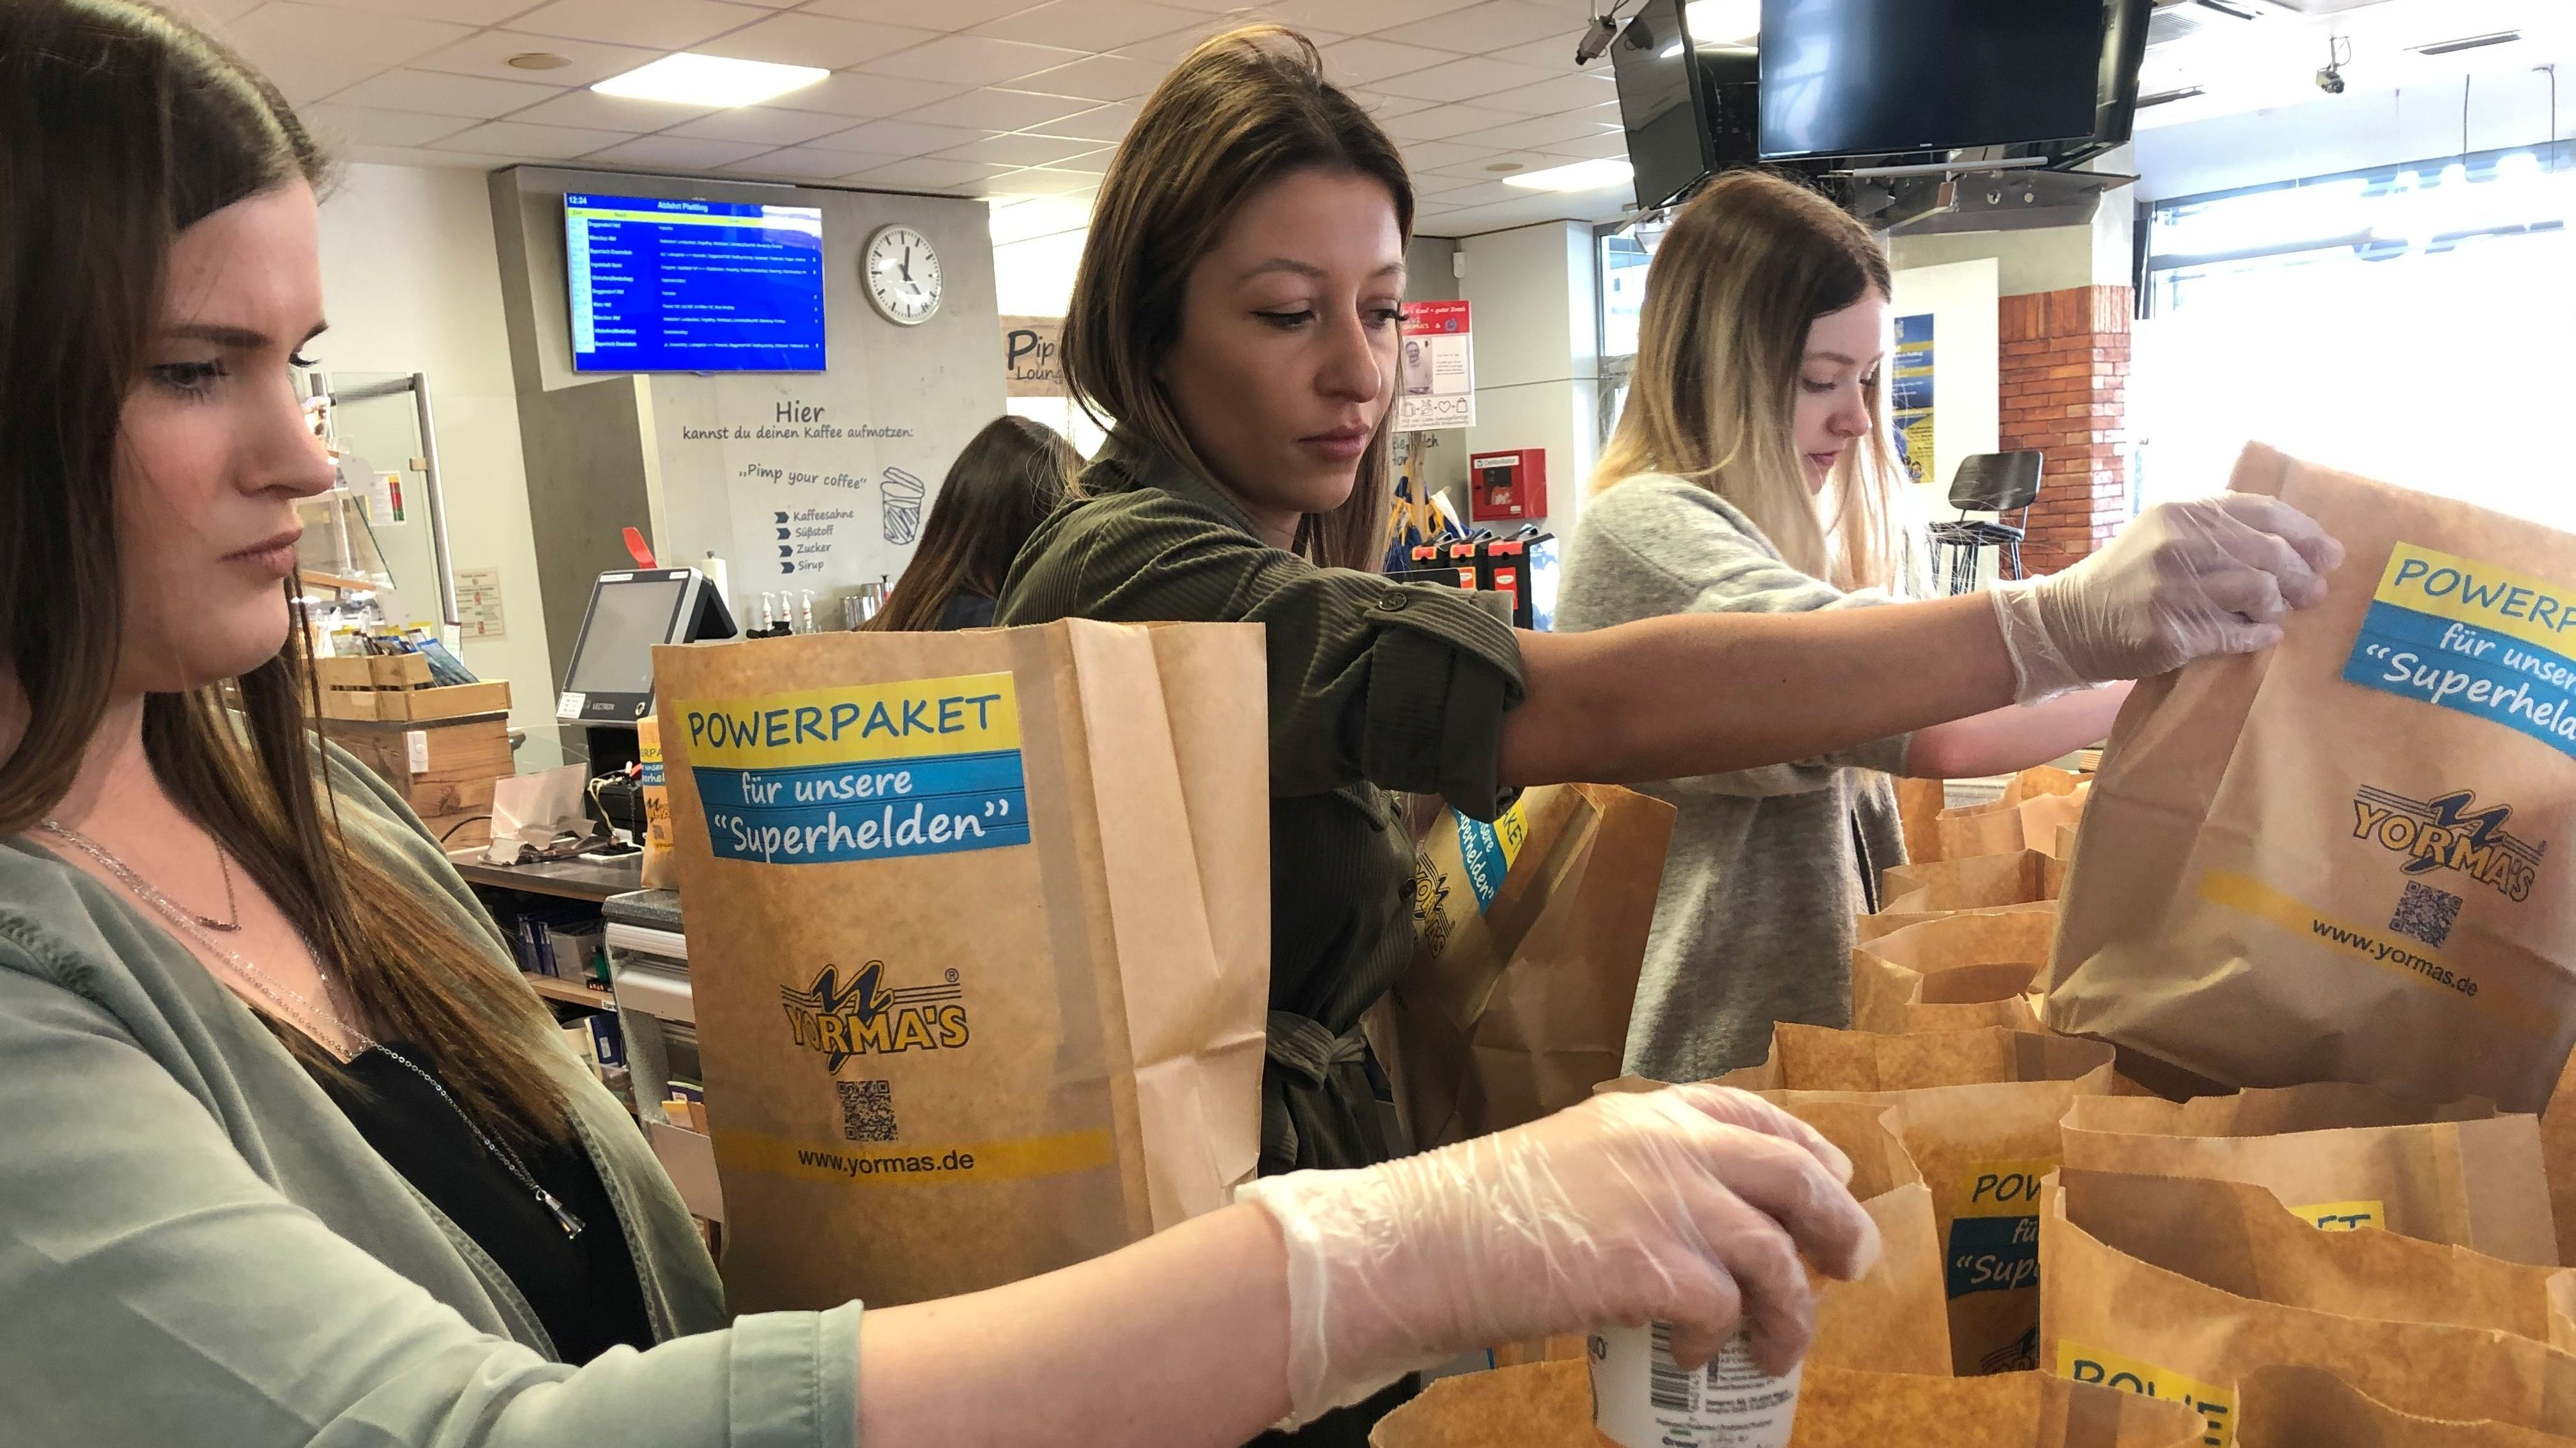 Die Plattlinger Systemgastronomie packt alle Lebensmittel aus ihren Lagern zu Essenspaketen zusammen